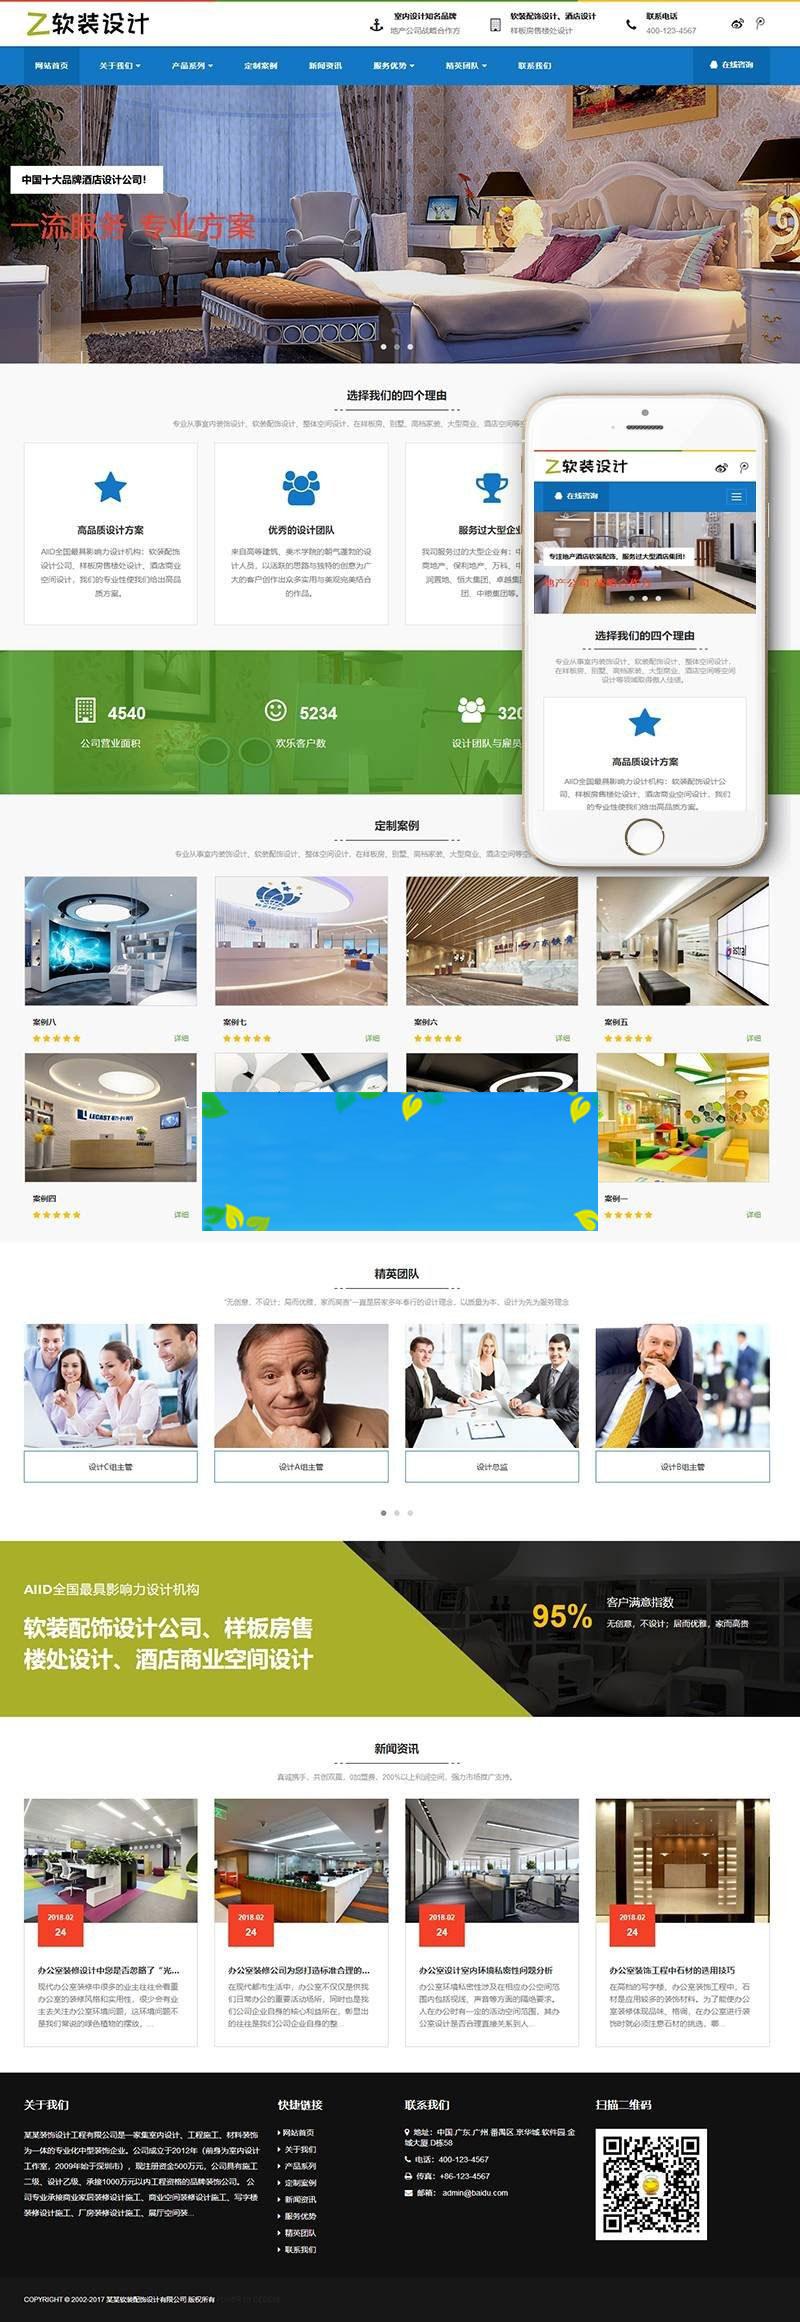 织梦dedecms响应式装修软装配饰设计公司网站模板(自适应手机移动端)